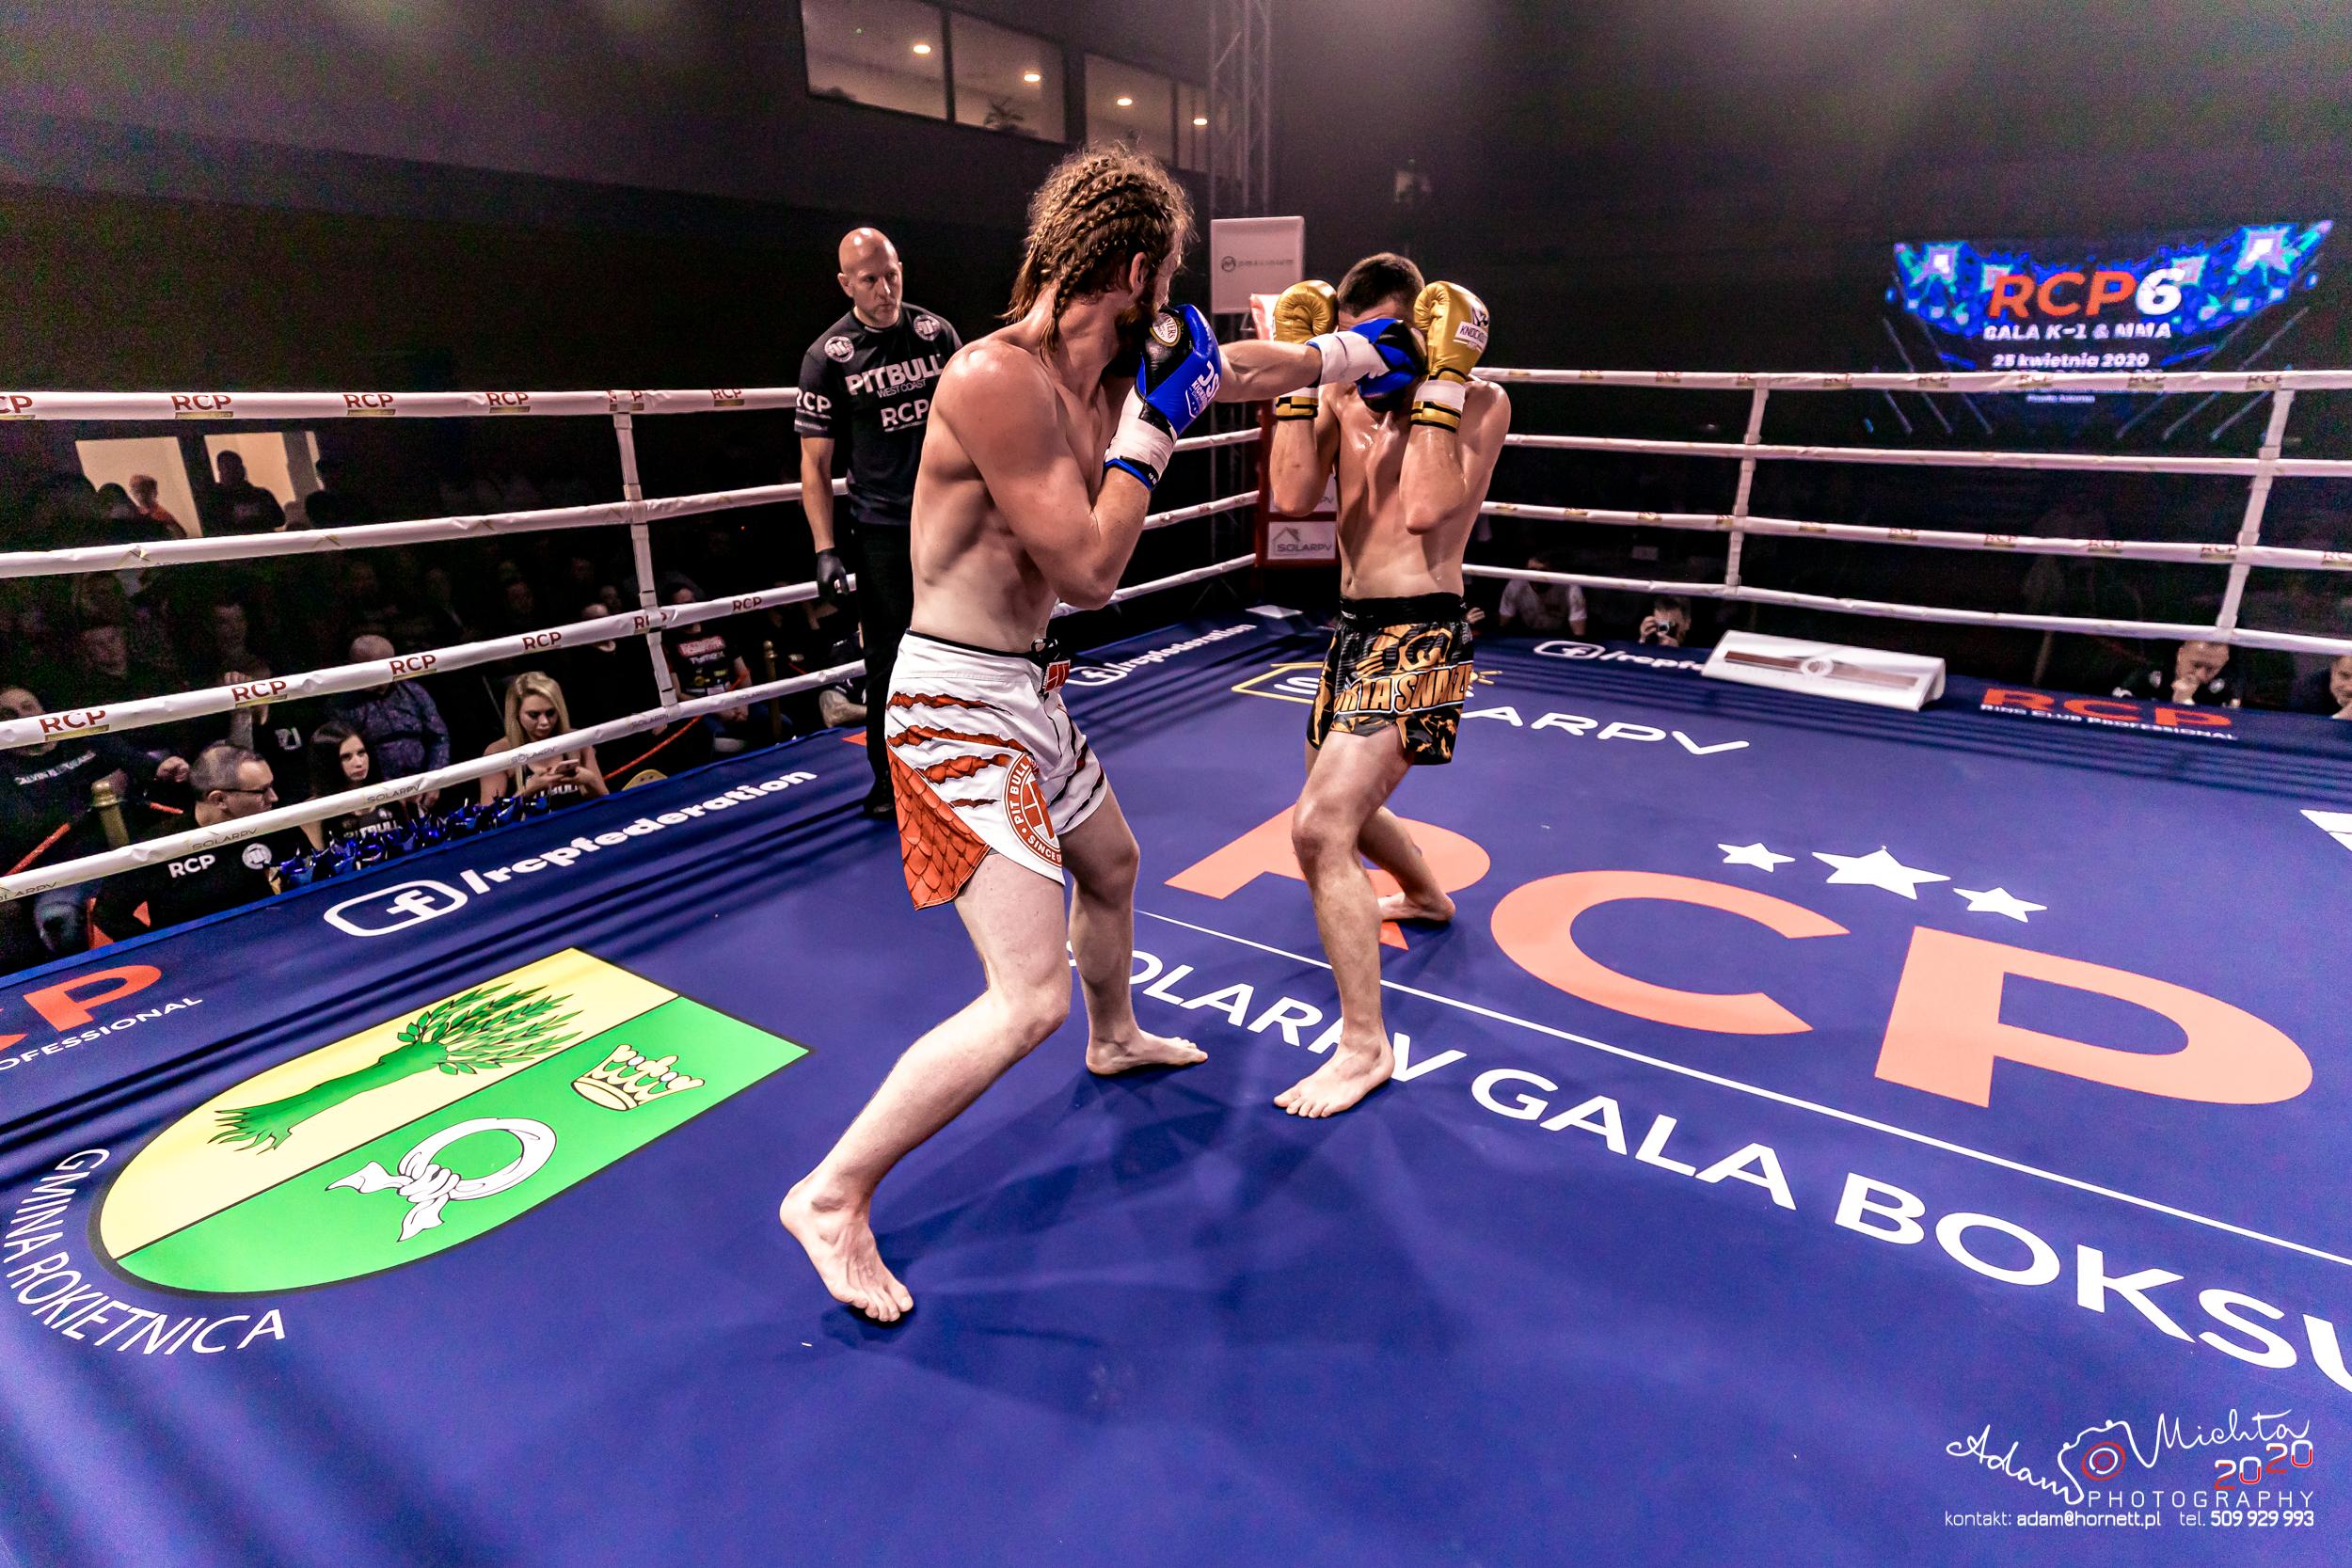 Na zdjęciu zawodnicy na ringu podczas walki. Zawodnik z prawej przyjmuje cios od przeciwnika. Sędzia się przygląda. W tle widzowie. Na ringu herb gminy Rokietnica.